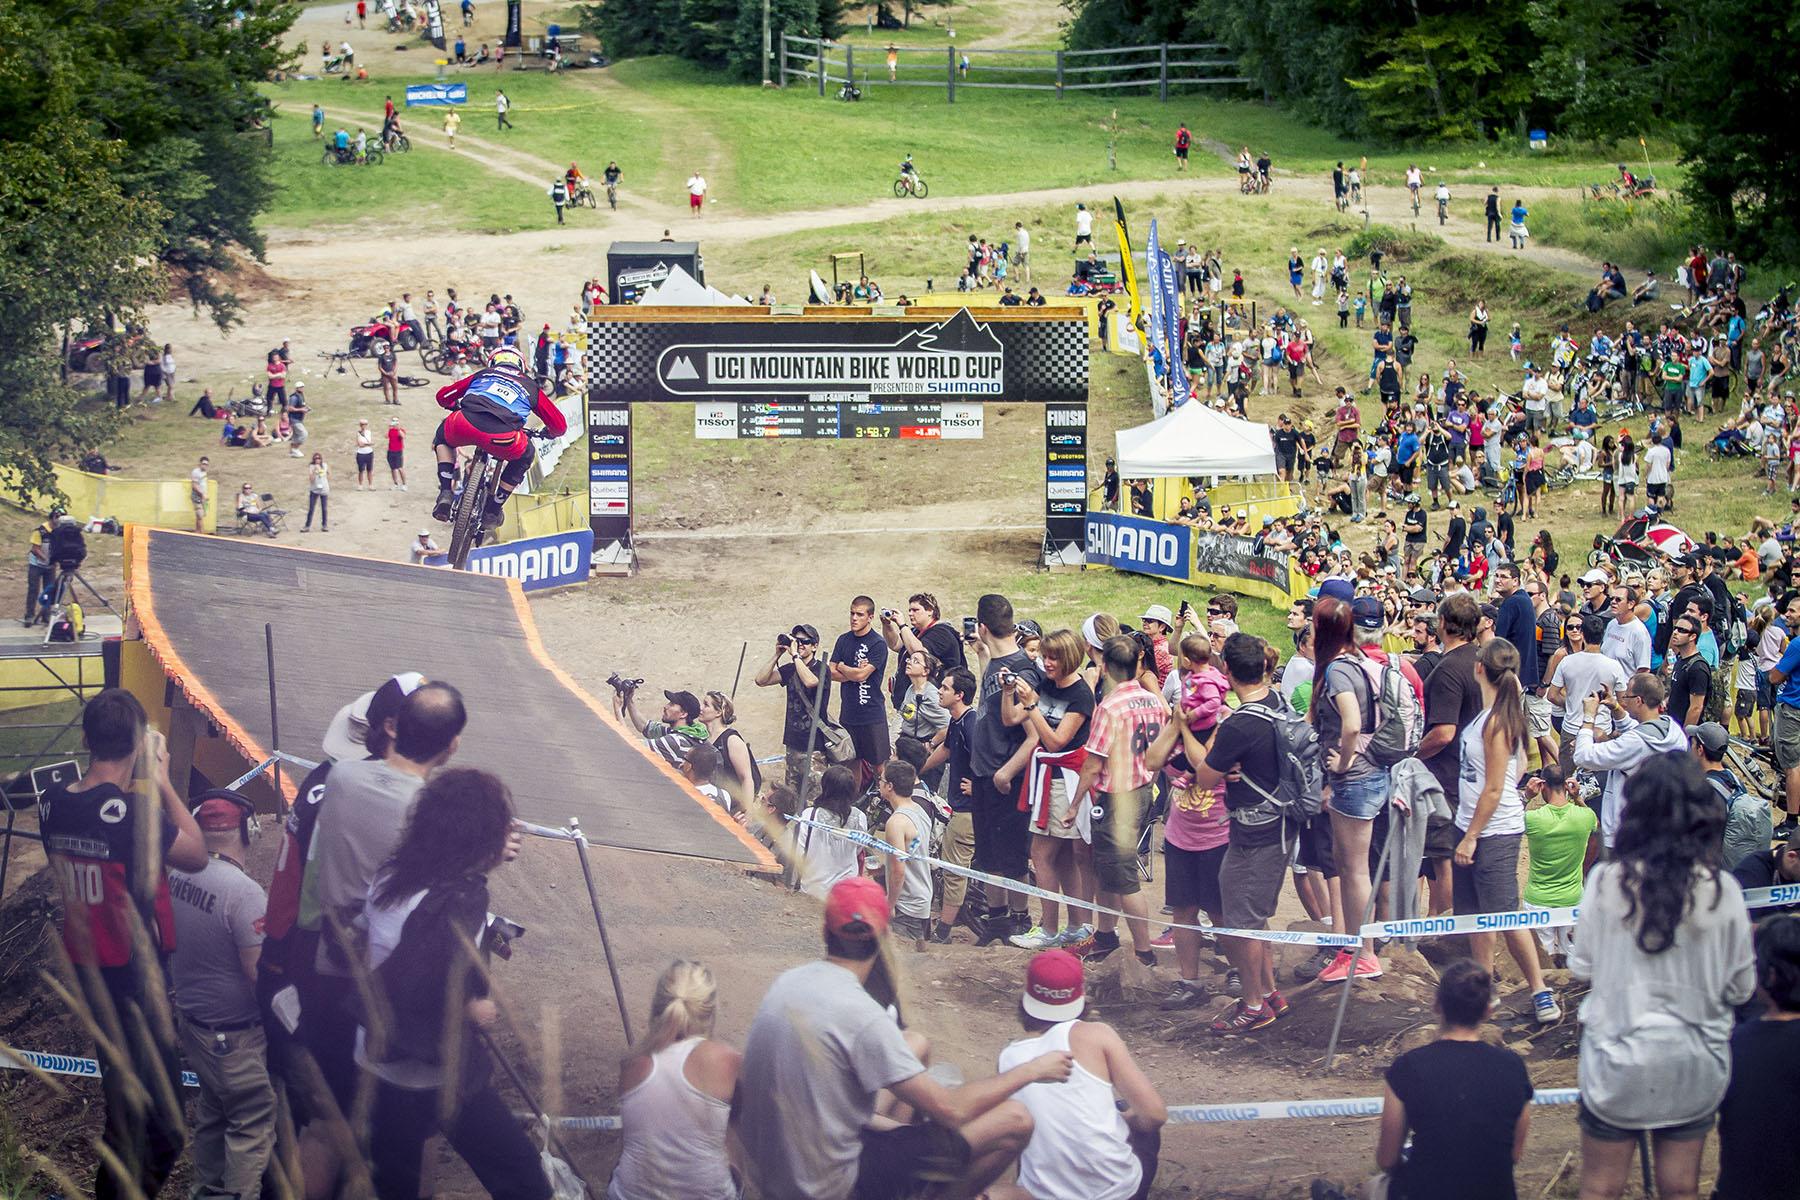 Die Fans waren gespannt auf die letzten Fahrer des Rennens, die mit spektakulären Geschwindigkeiten den Berg hinab rauschten. Hier Bryan Atkinson, der es am Ende auf den 18. Platz schafft.